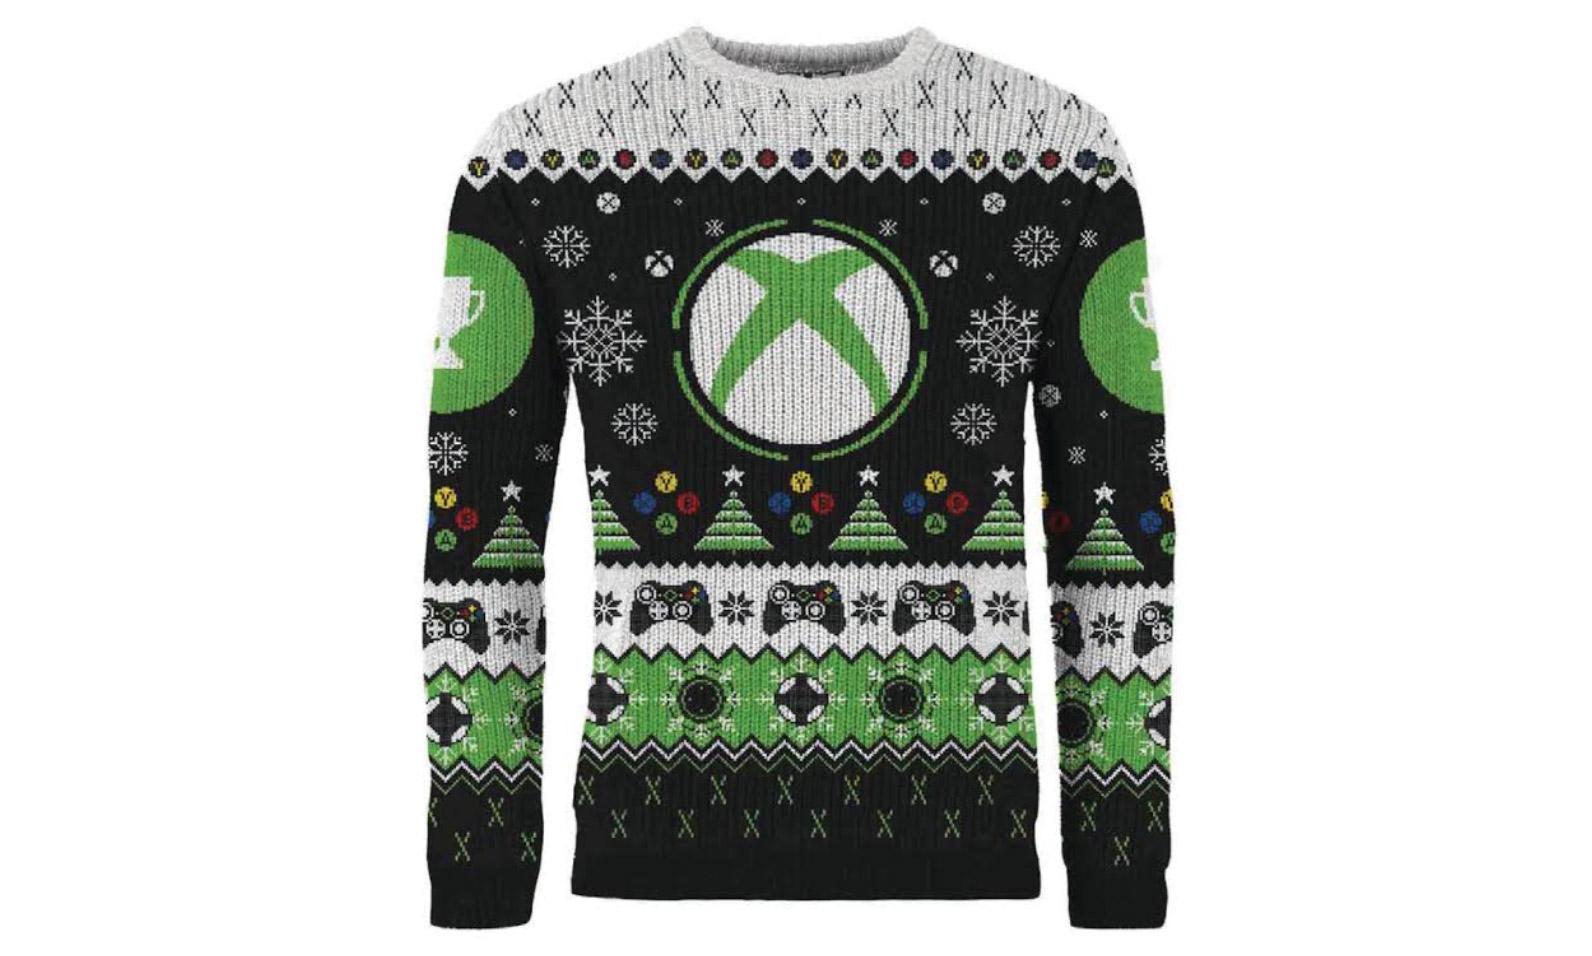 """玩家专属,微软官方打造 Xbox 限定圣诞 """"丑毛衣"""""""